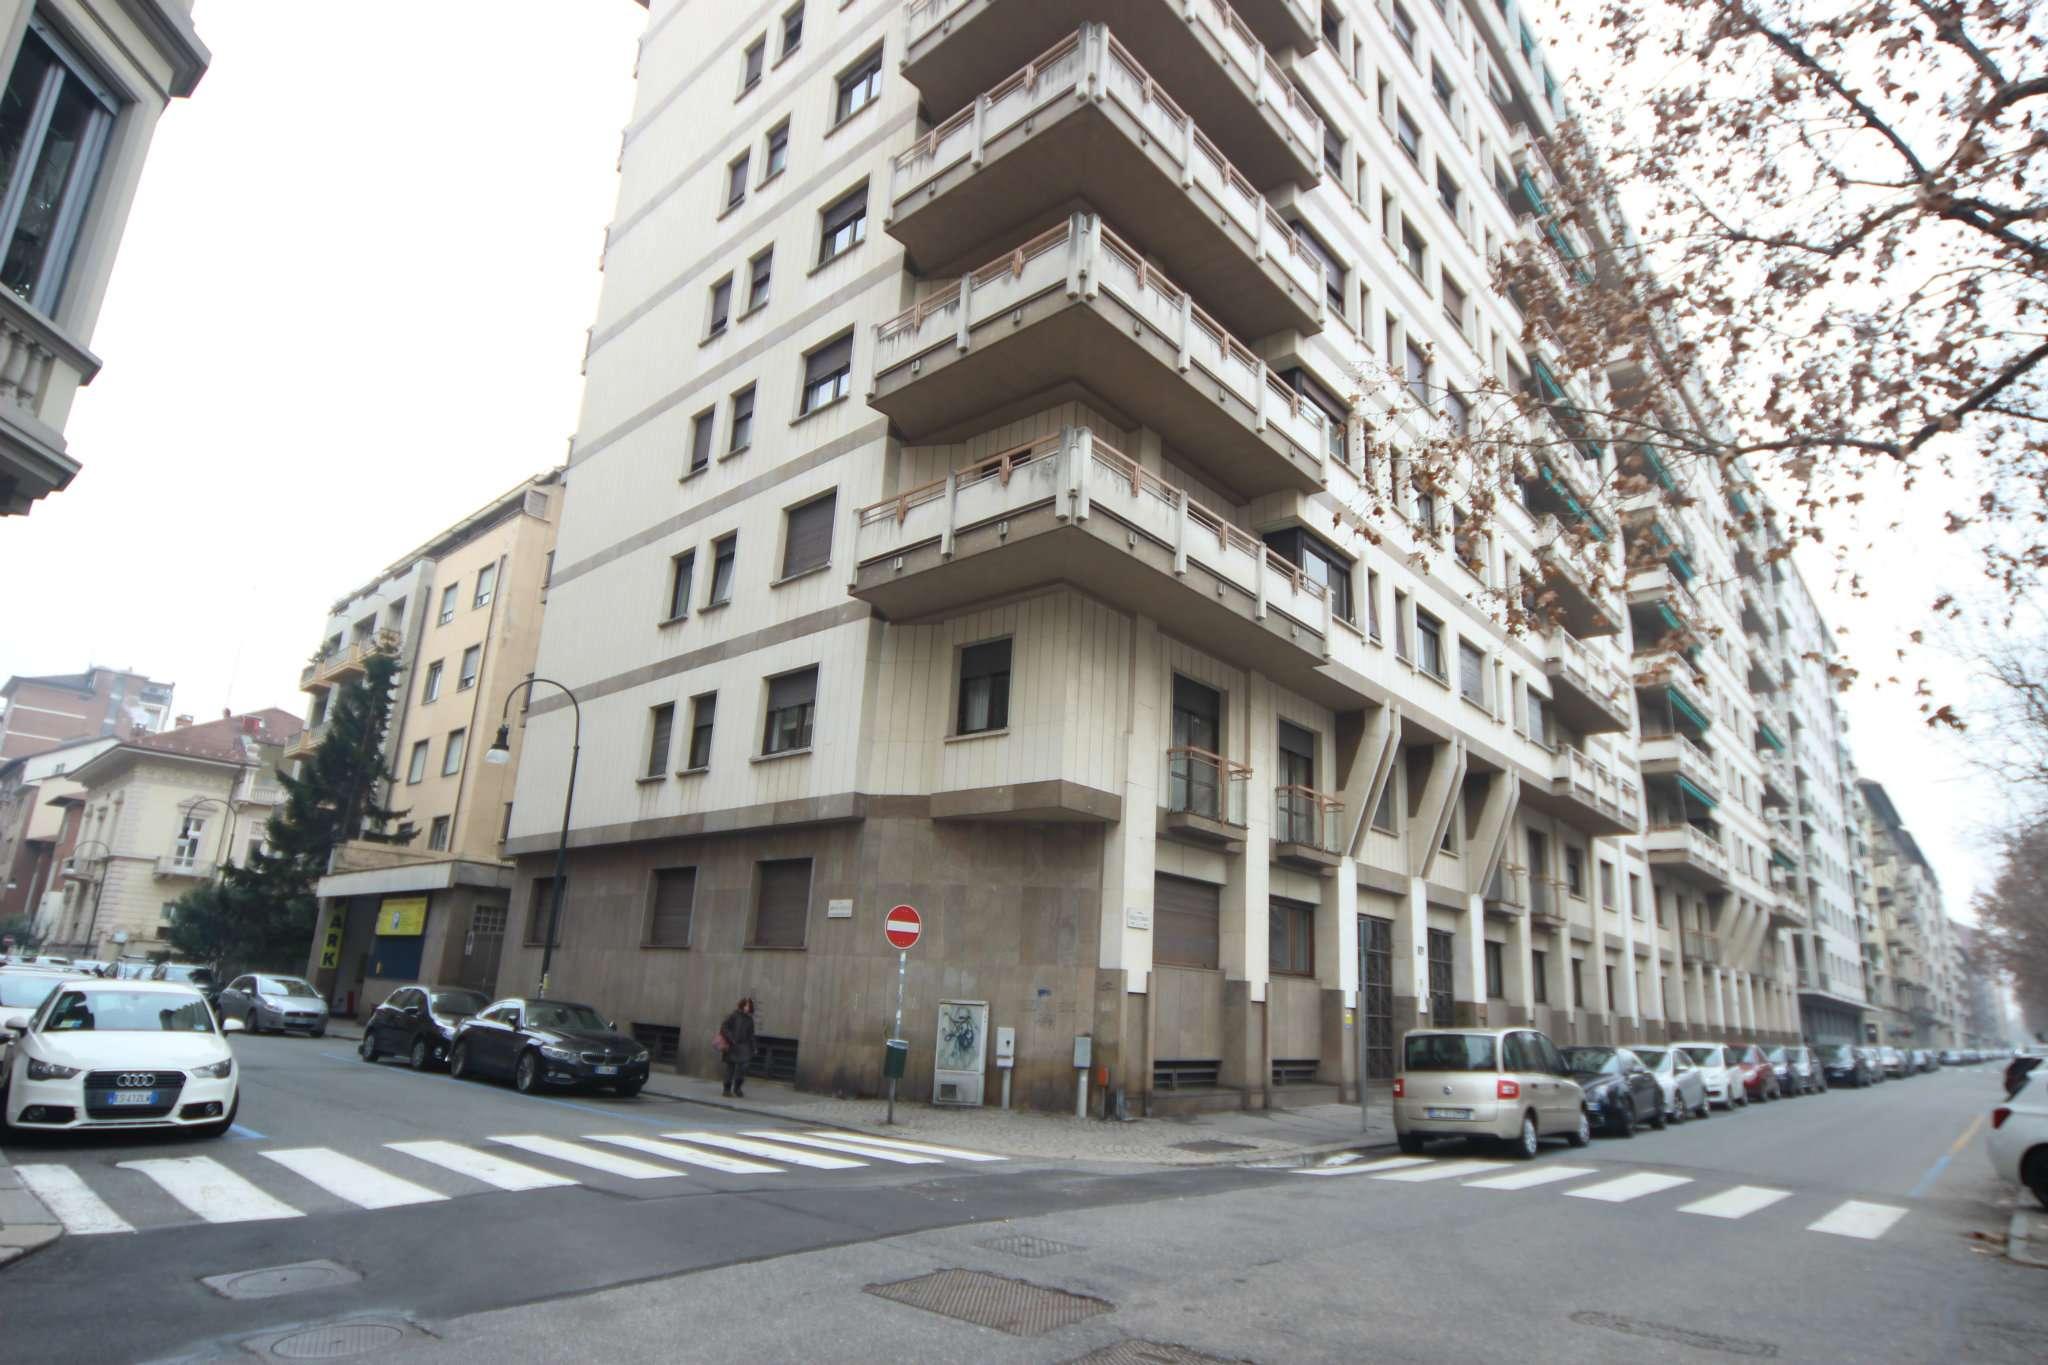 Immagine immobiliare Appartamento di 5 locali in vendita a Torino, C.so Galileo Ferraris 109 Nel cuore della Crocetta, proponiamo in vendita appartamento di 278 mq. in elegante stabile.L'unità immobiliare è così composta: doppio ingresso,...